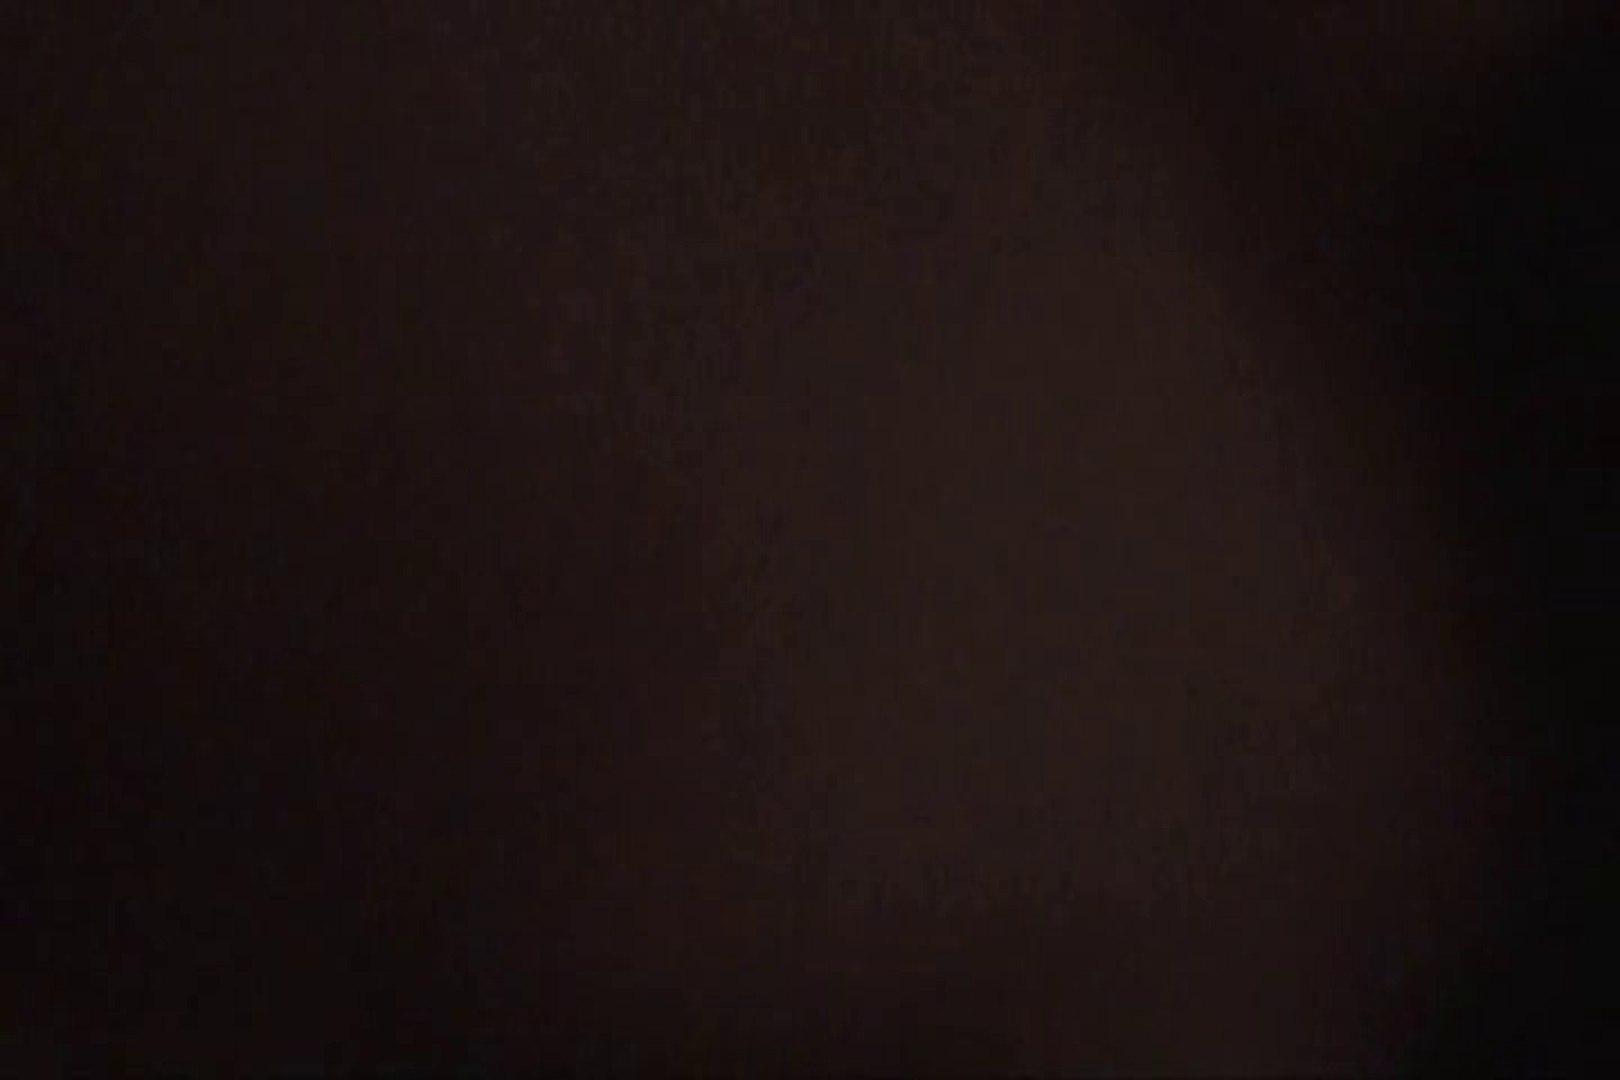 独占配信! ●罪証拠DVD 起きません! vol.08 裸体 | 手マン  88pic 1